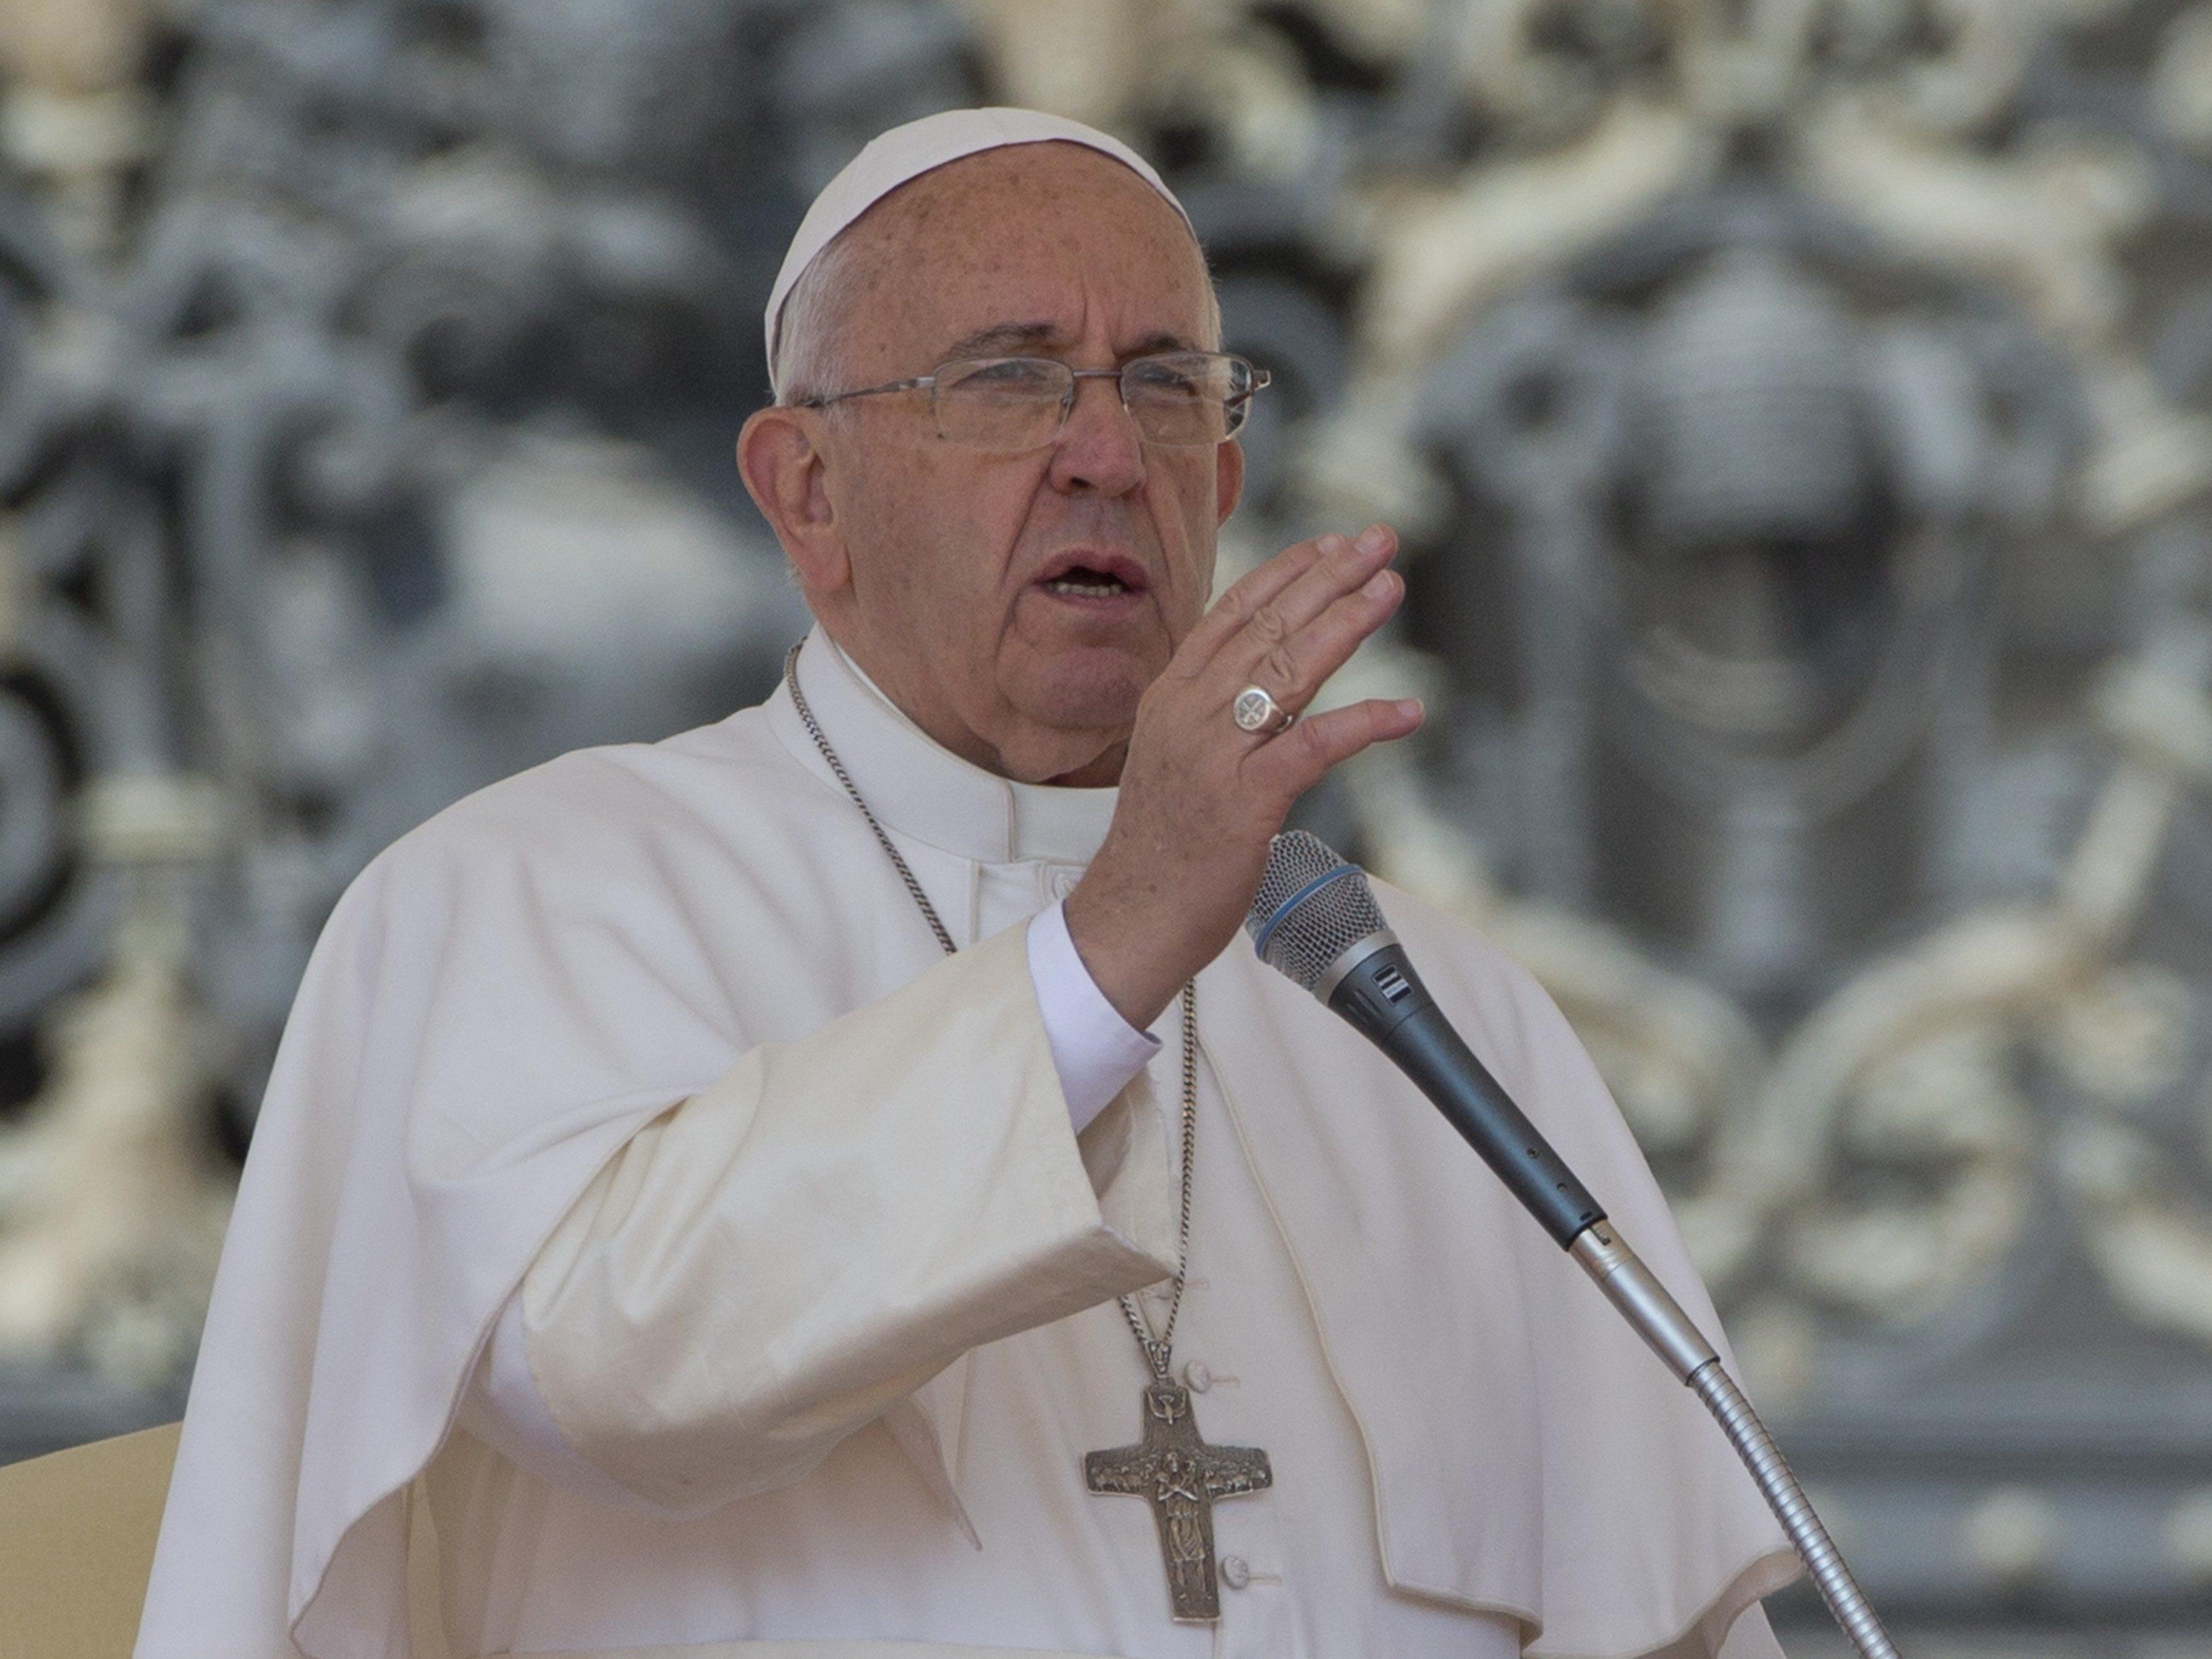 Papst Franziskus sagt die heutige Kultur habe Angst vor Geschlechtsunterschieden.